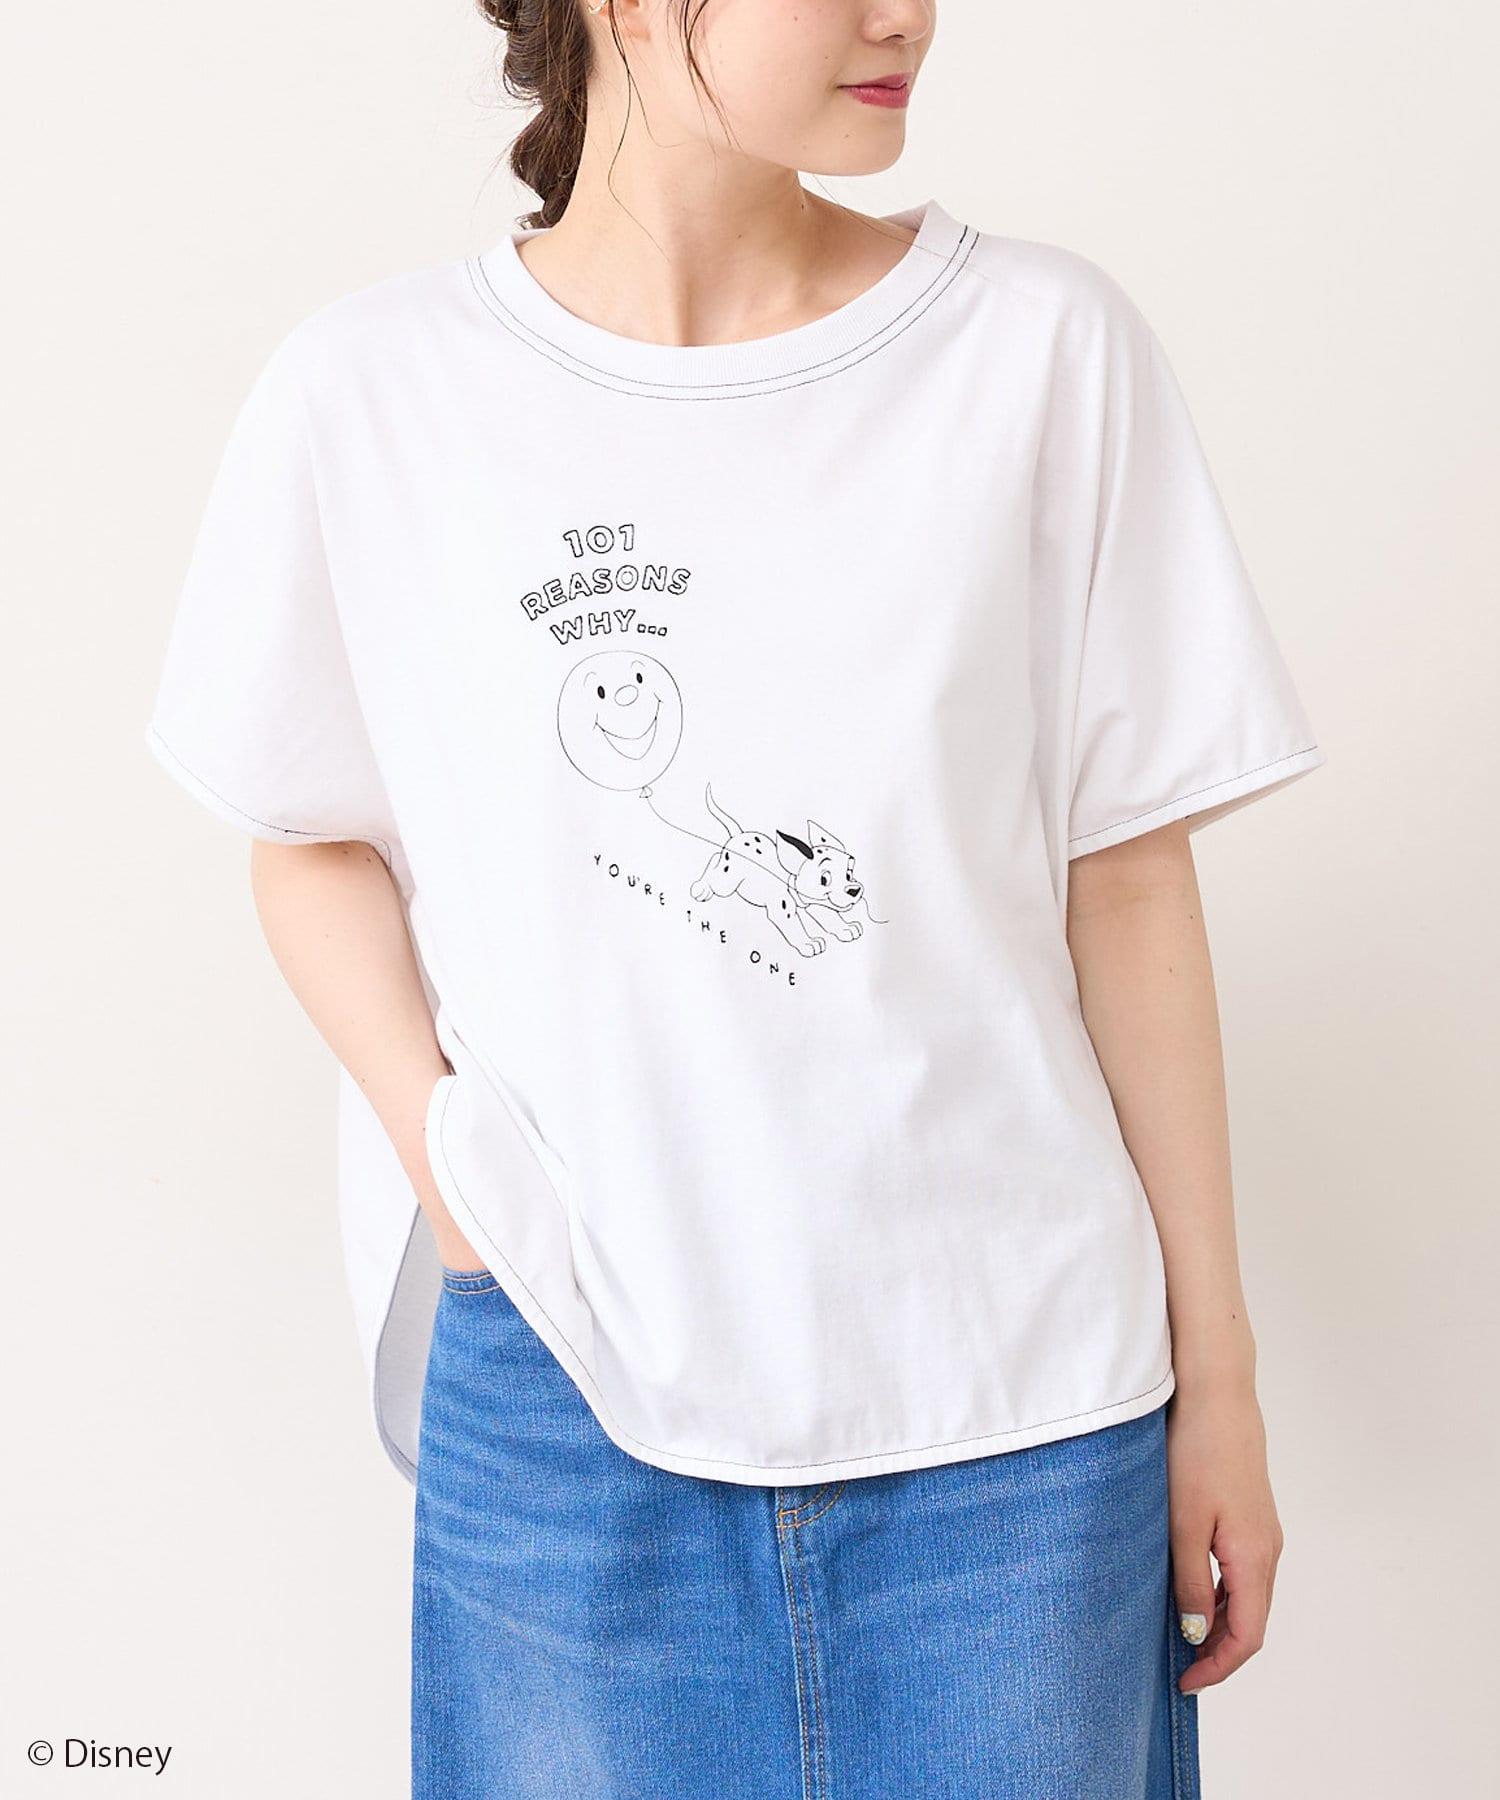 pual ce cin(ピュアルセシン) <101匹わんちゃん>刺繍Tシャツ